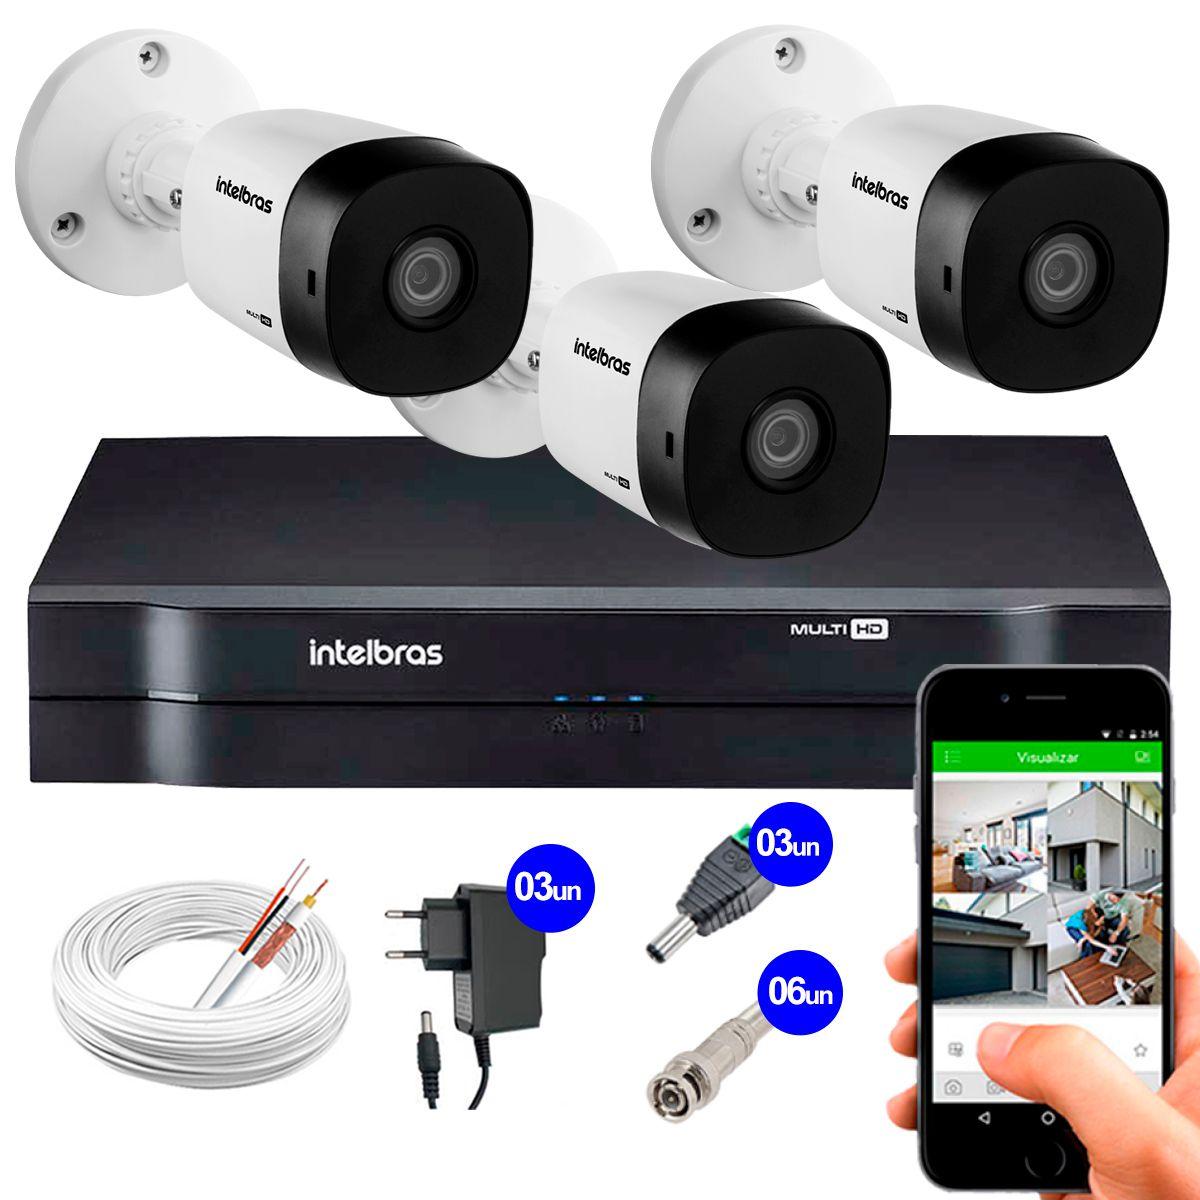 Kit 3 Câmeras VHD 1010 B G5 + DVR Intelbras + App Grátis de Monitoramento, Câmeras HD 720p 10m Infravermelho de Visão Noturna Intelbras + Fonte, Cabos e Acessórios  - Tudo Forte